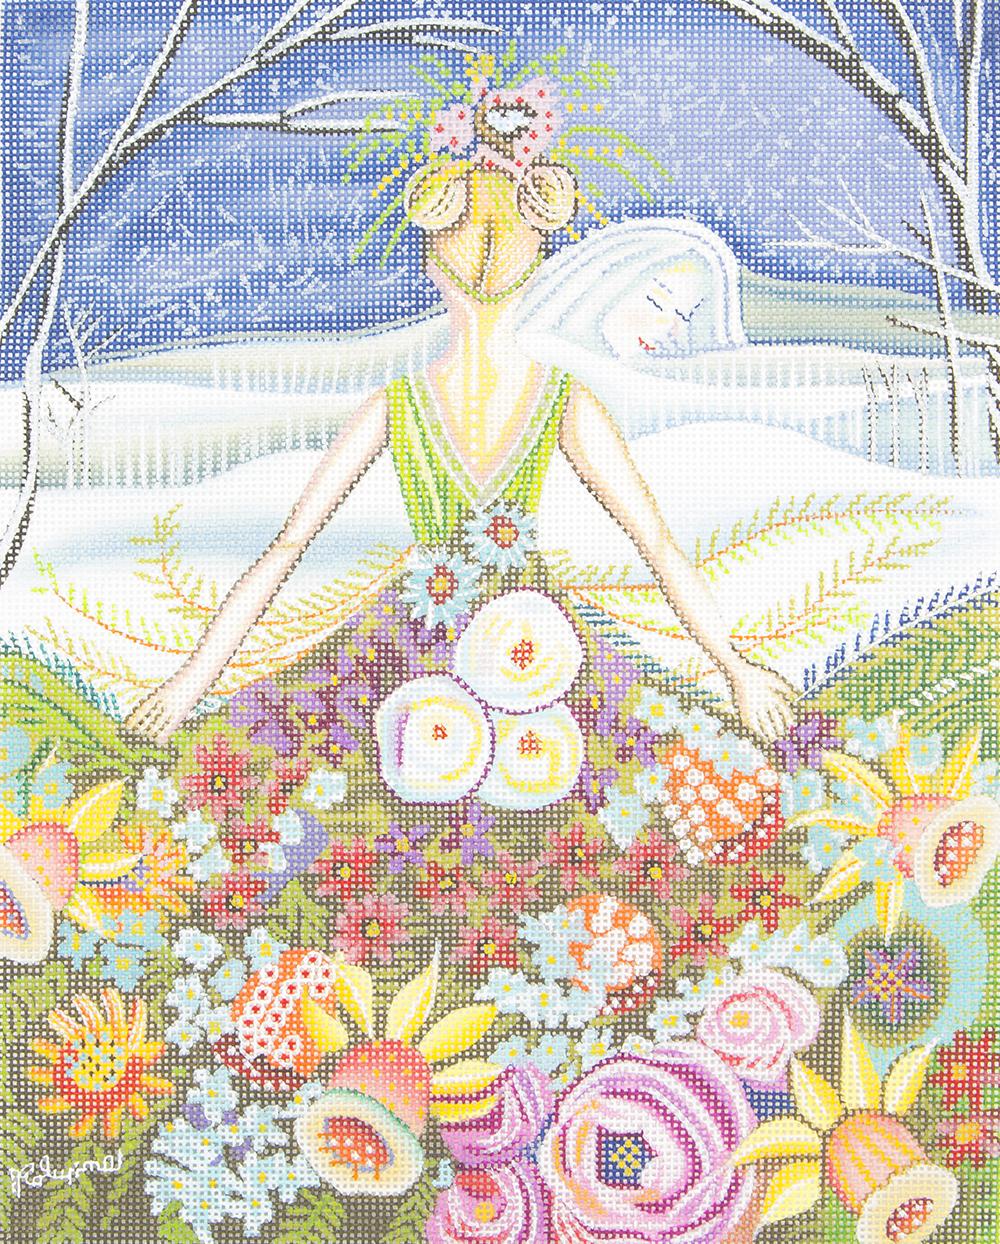 TCRN611 Persephone Spring Chris Lewis Distributing